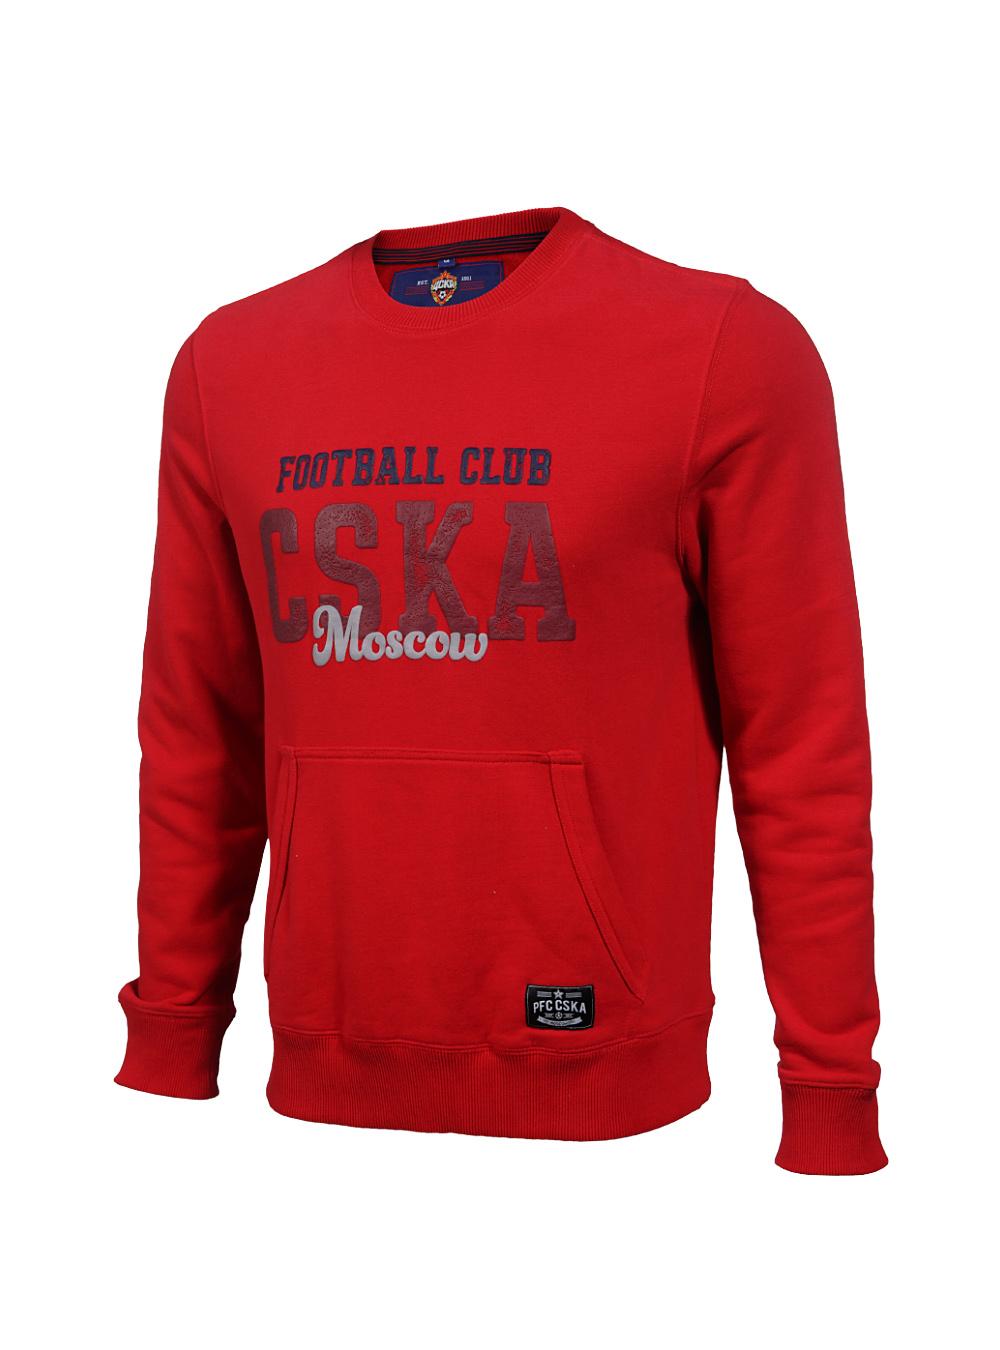 Купить Свитшот «CSKA Moscow», цвет красный (XL) по Нижнему Новгороду